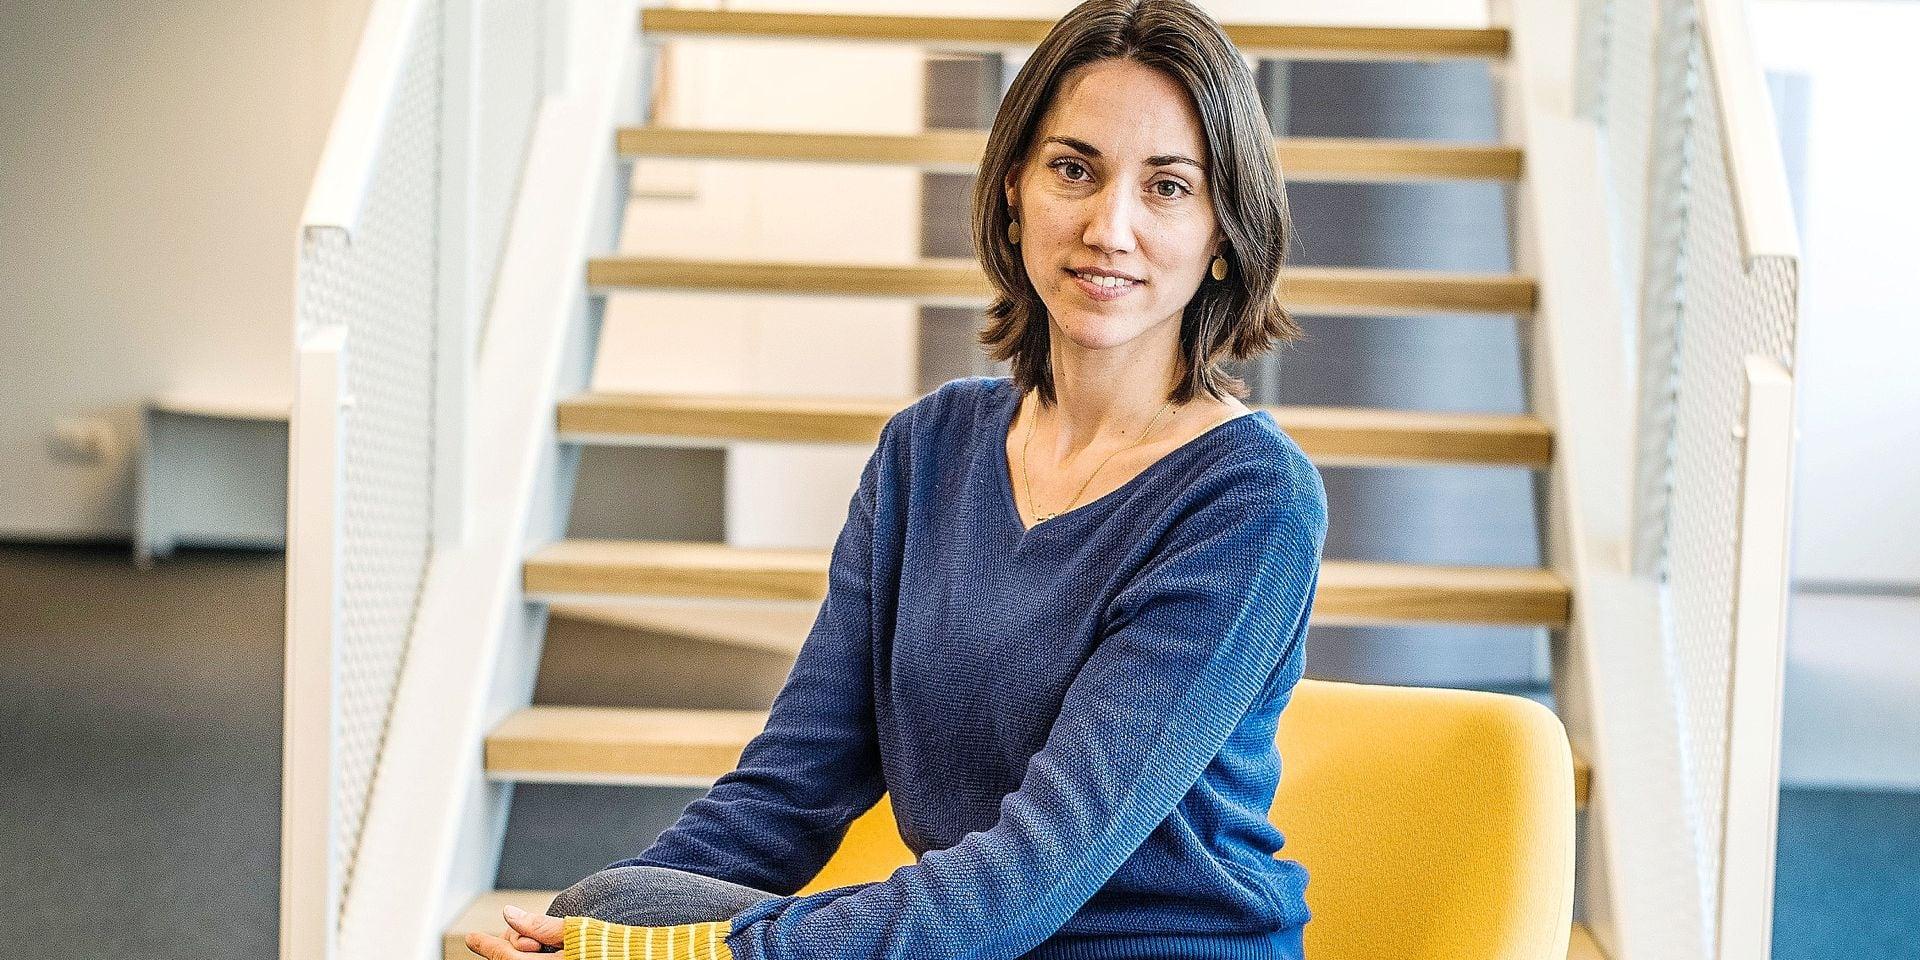 20190513 - BELGIQUE, BRUXELLES: Portrait Isabelle Grippa, directrice generale de Hub Brussels le 13 mai 2019. PHOTO OLIVIER PAPEGNIES / COLLECTIF HUMA